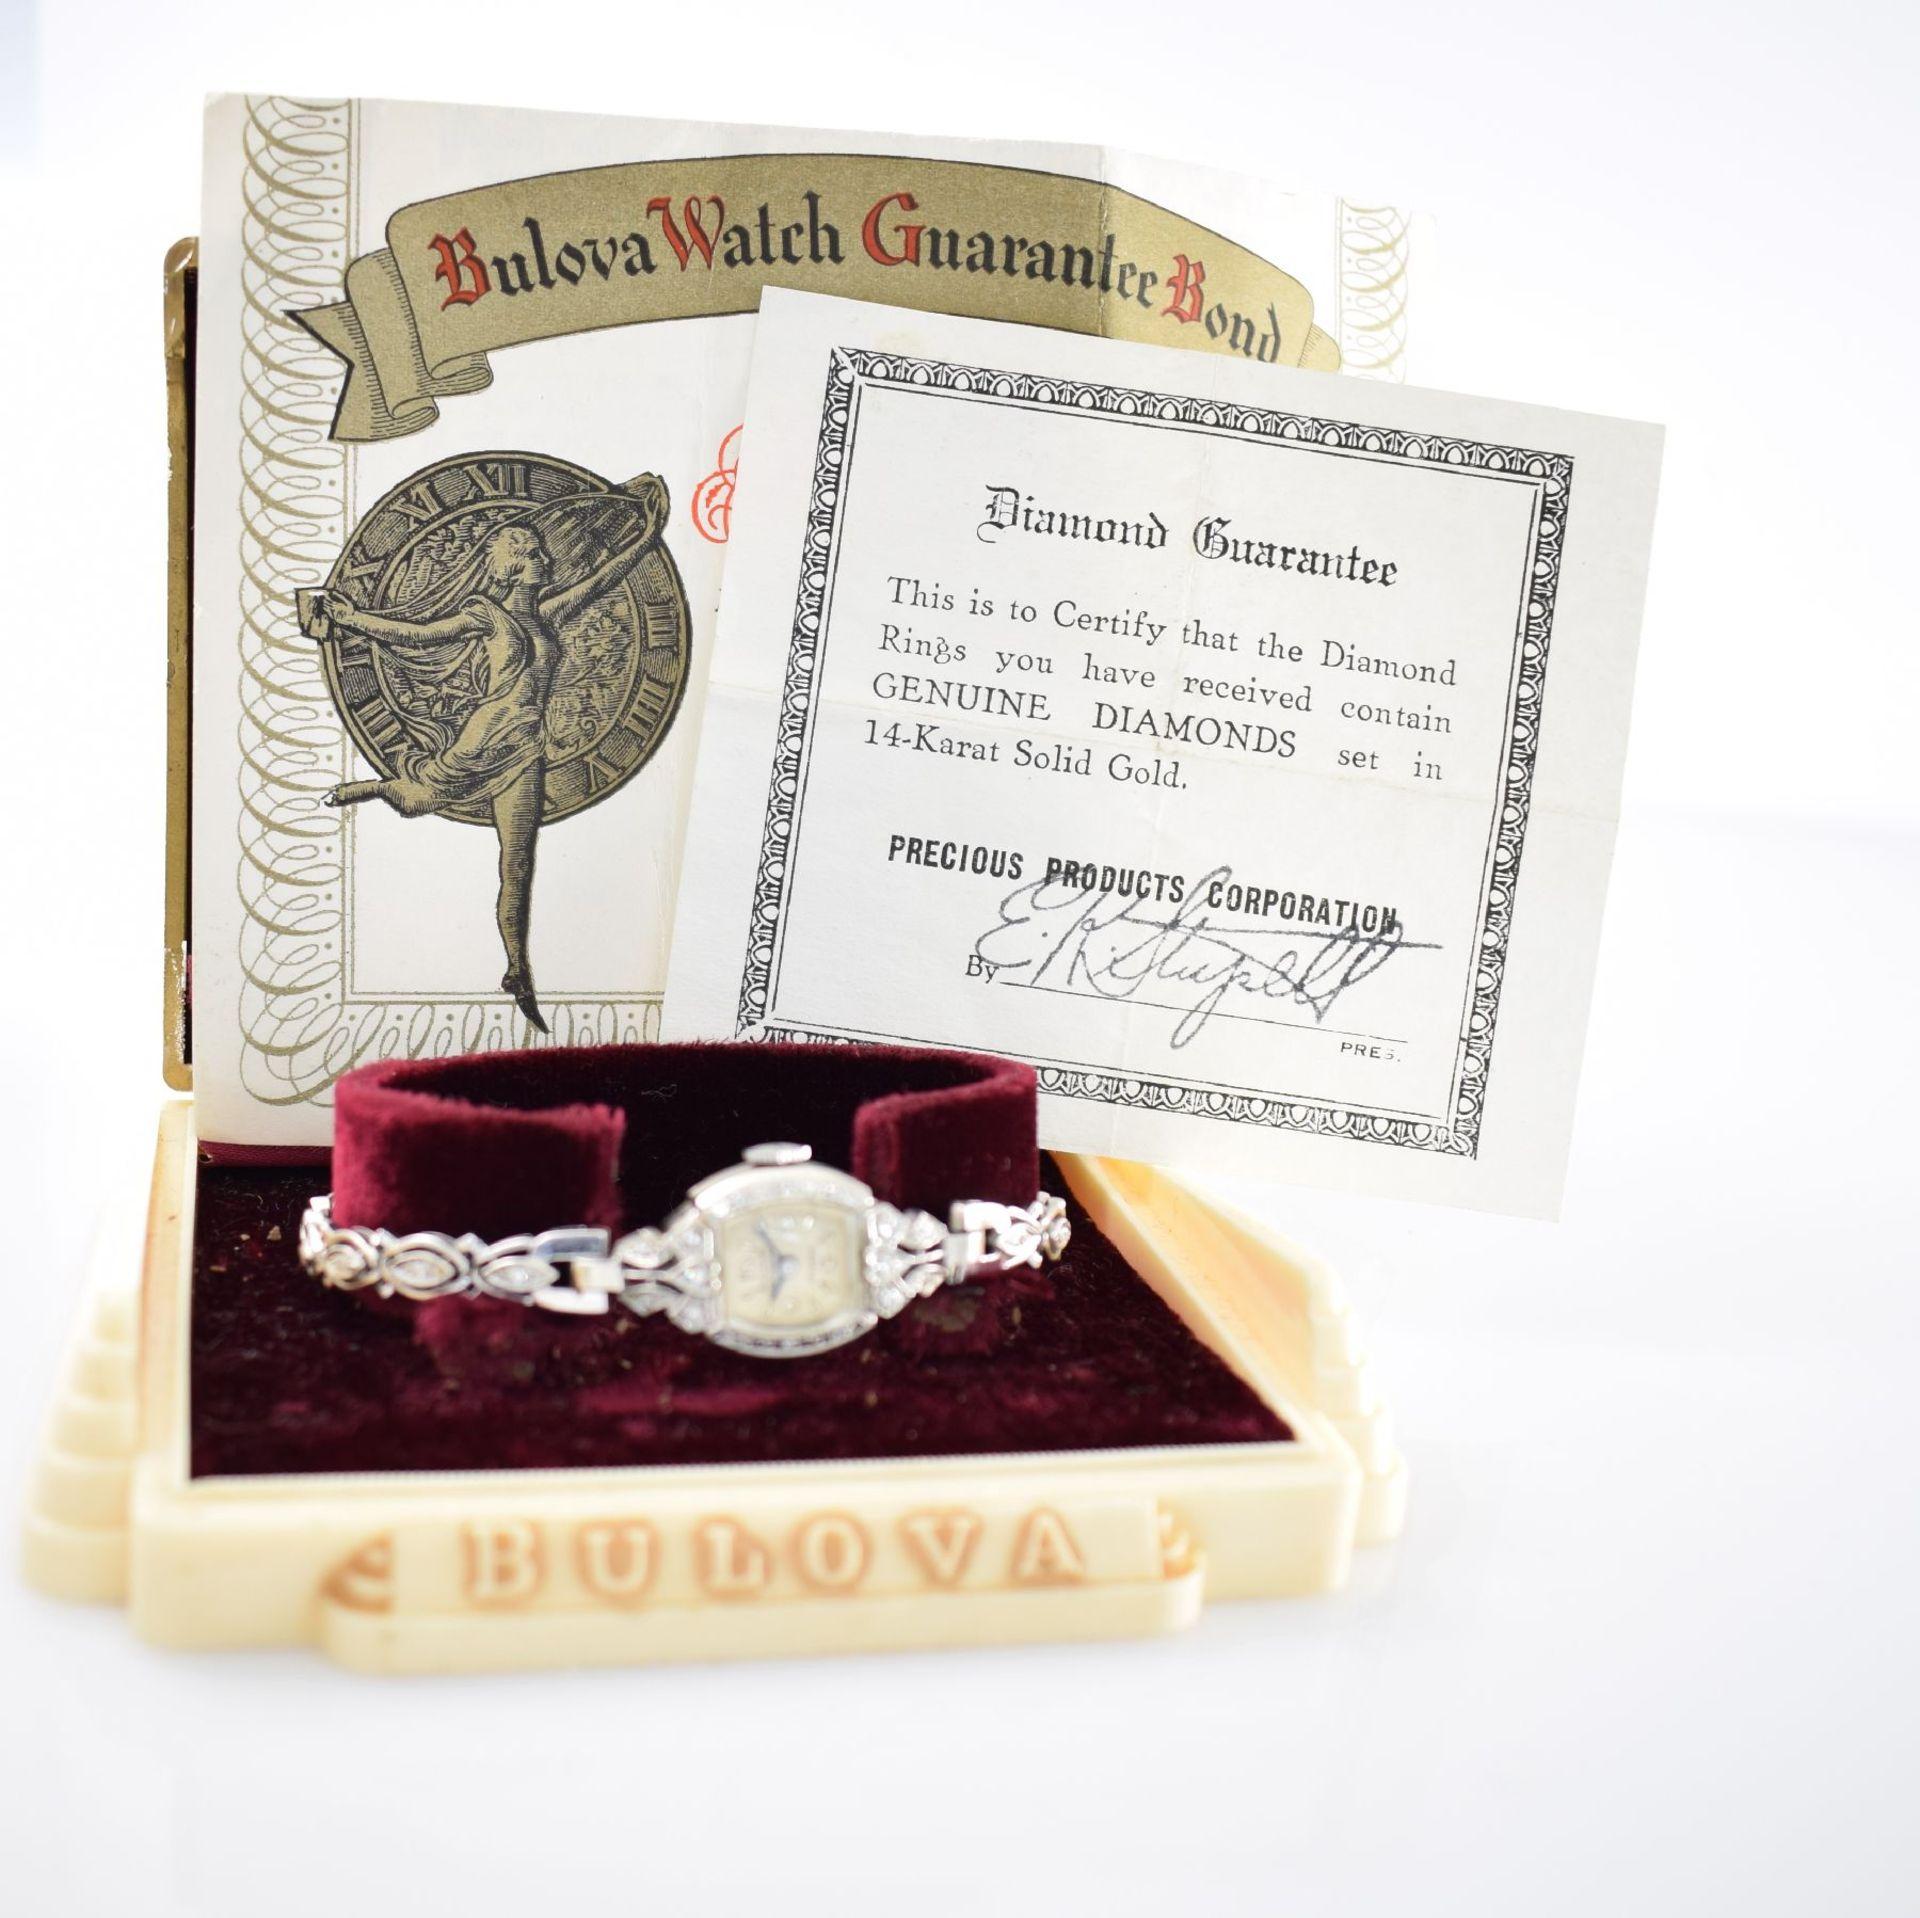 BULOVA Damenarmbanduhr in WG 585/000 mit Diamantbesatz, Handaufzug, USA um 1940, Boden aufgedr., - Bild 6 aus 6